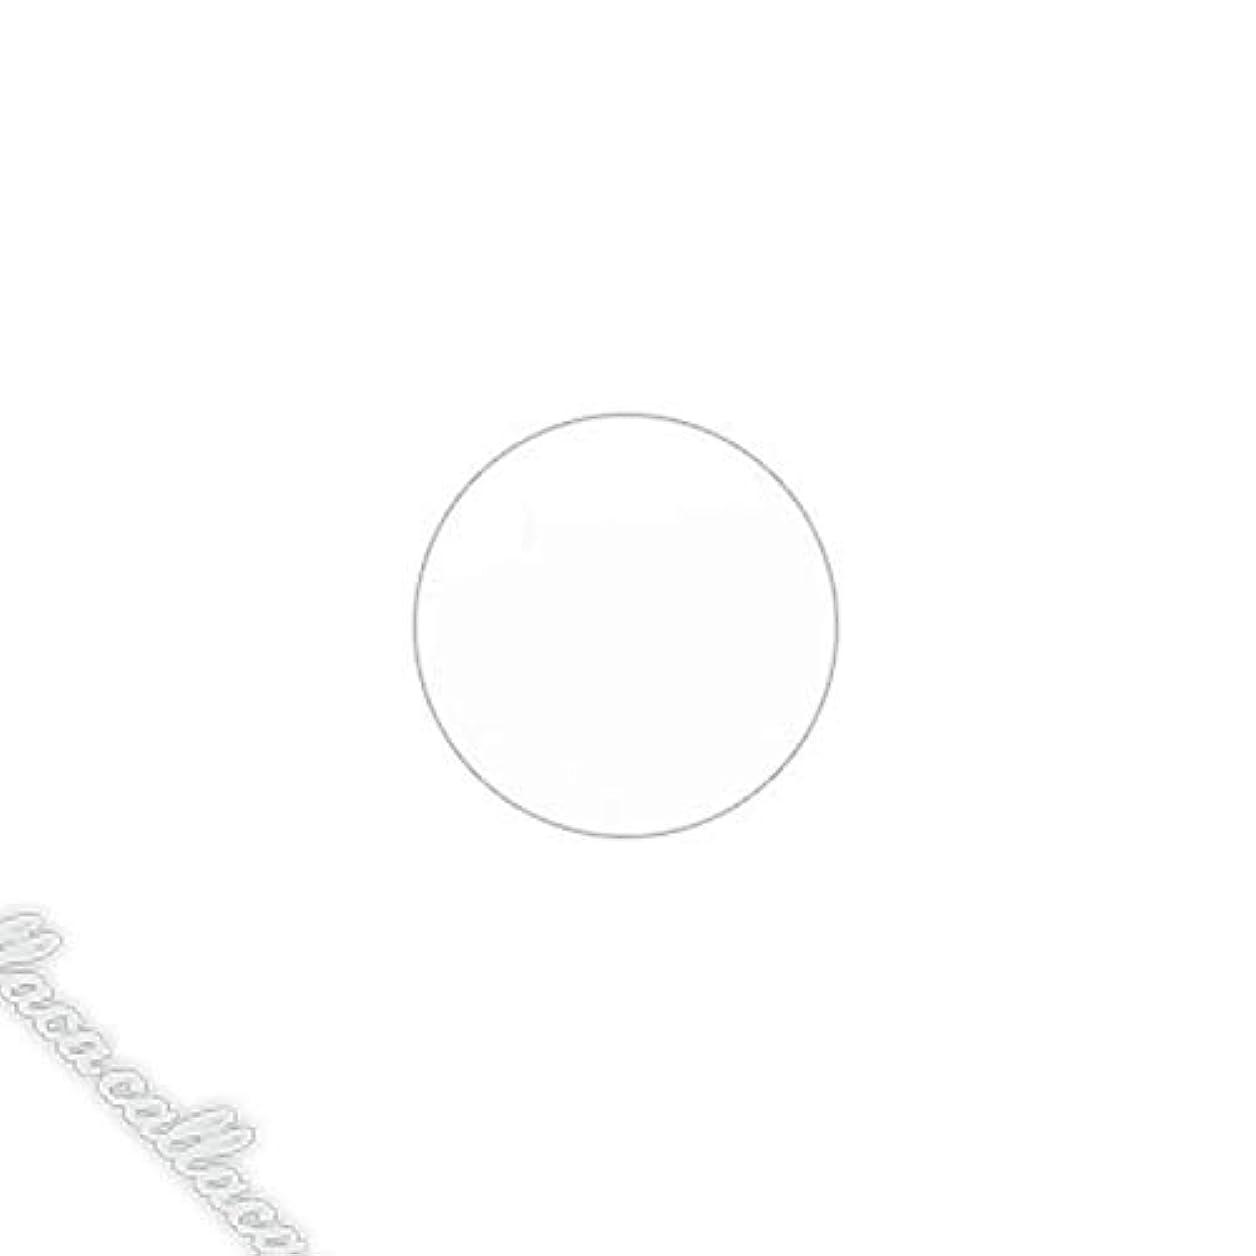 魔術師民主主義シェルターPutiel カラージェル Liner01 ホワイト